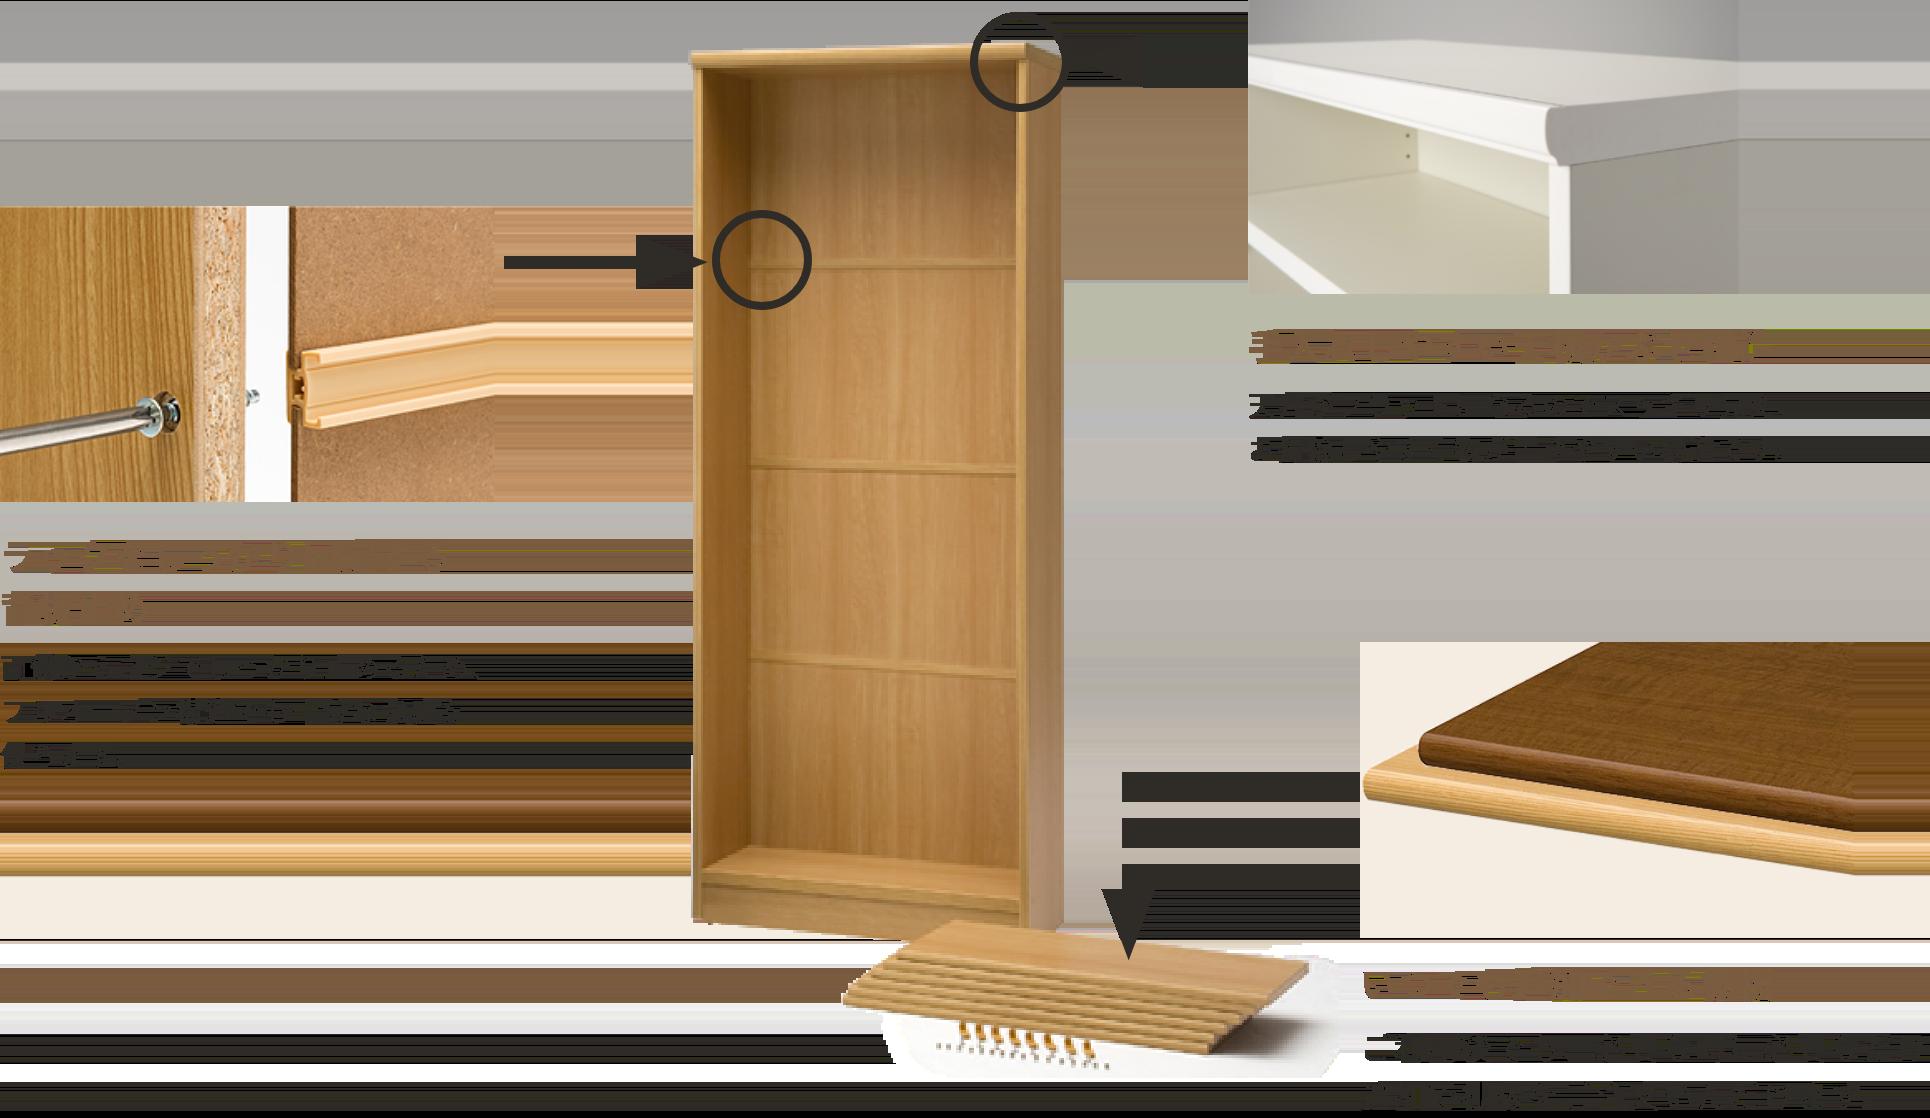 手入れしやすい天板かぶせ構造、ラックをしっかり固定する背板止め、いつでも追加できる棚板